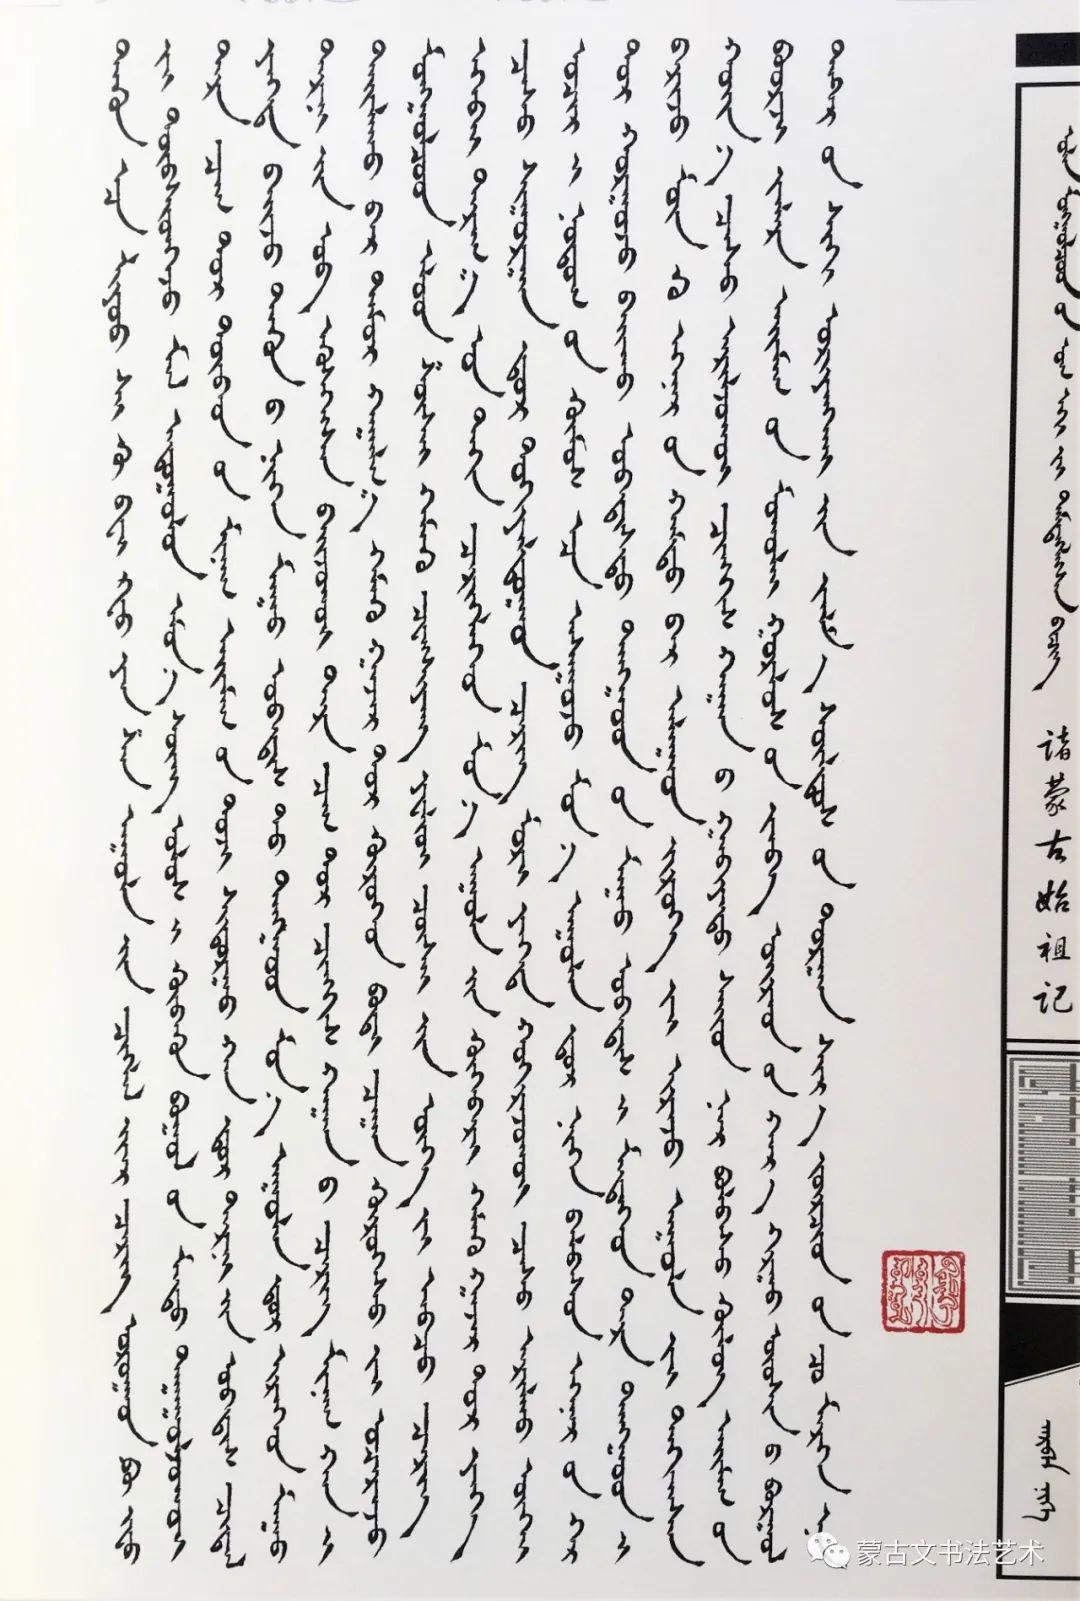 书法家白音夫楷书著作蒙古文经典文献 第8张 书法家白音夫楷书著作蒙古文经典文献 蒙古书法